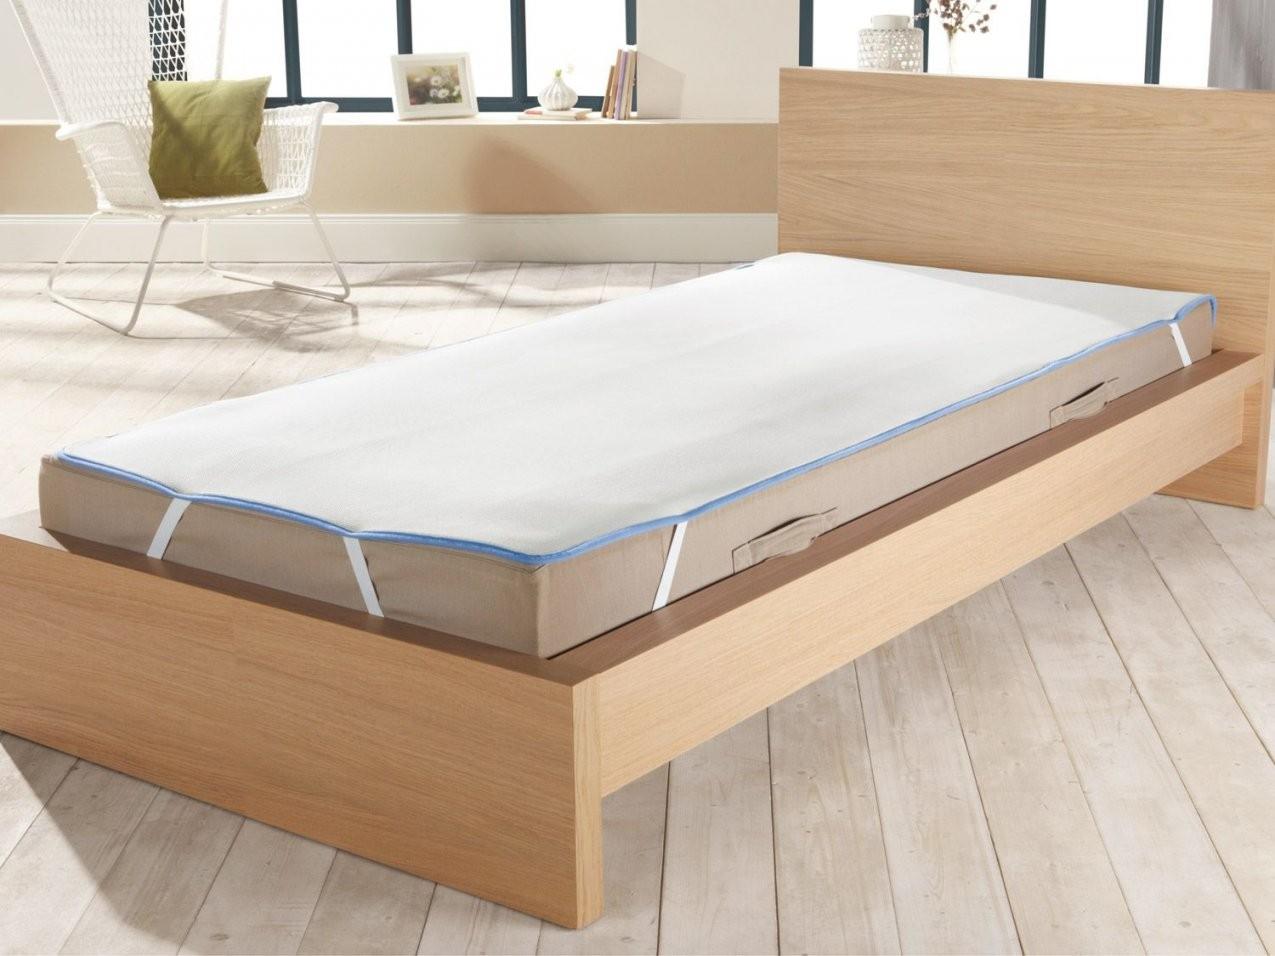 Meradiso® Matratzentopper 90 X 200 Cm  Lidl Deutschland  Lidl von Meradiso Matratzen Topper Photo